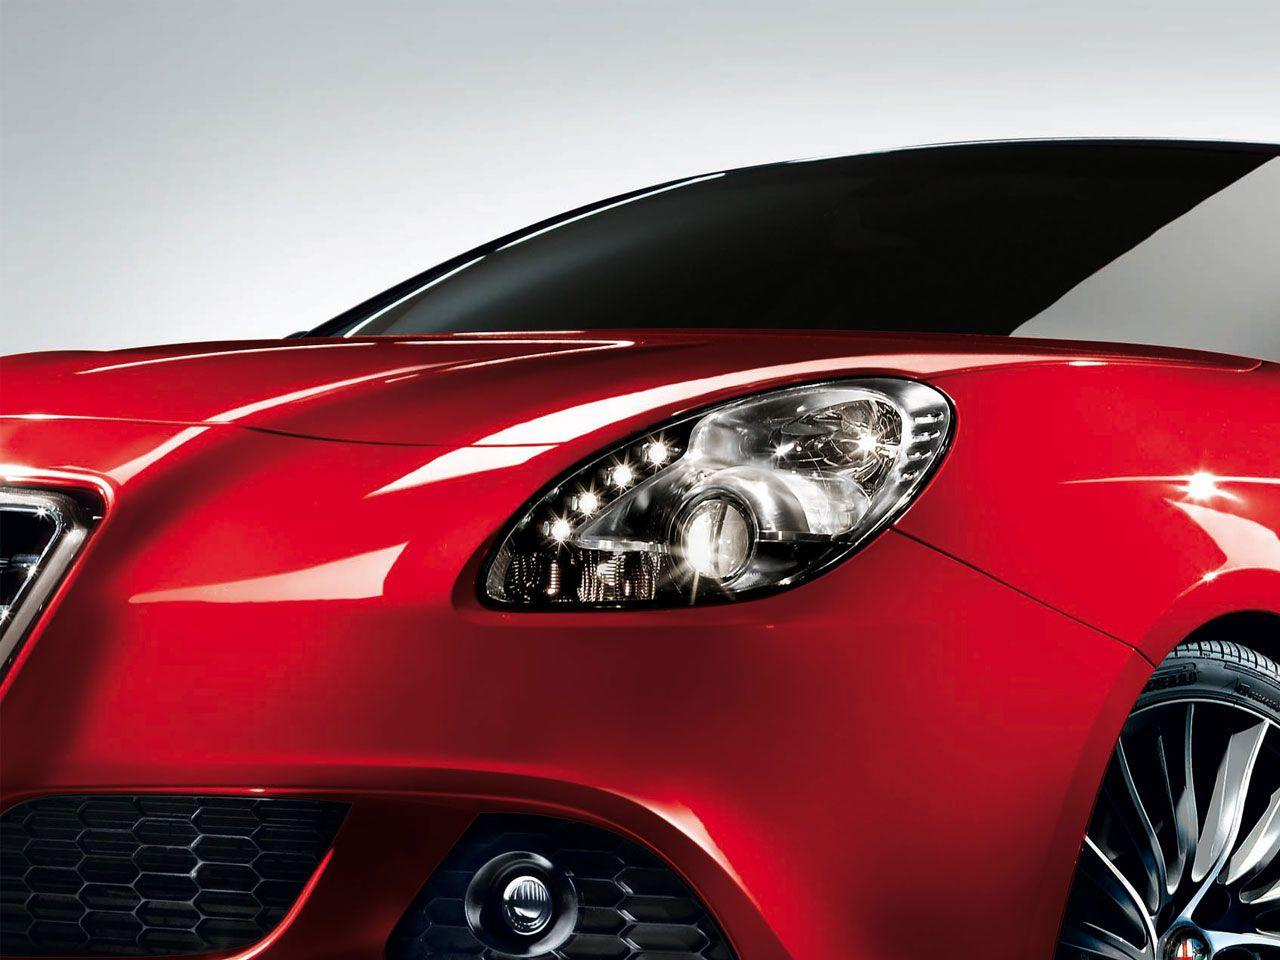 Ginevra 2010: anteprima mondiale per l'Alfa Romeo Giulietta